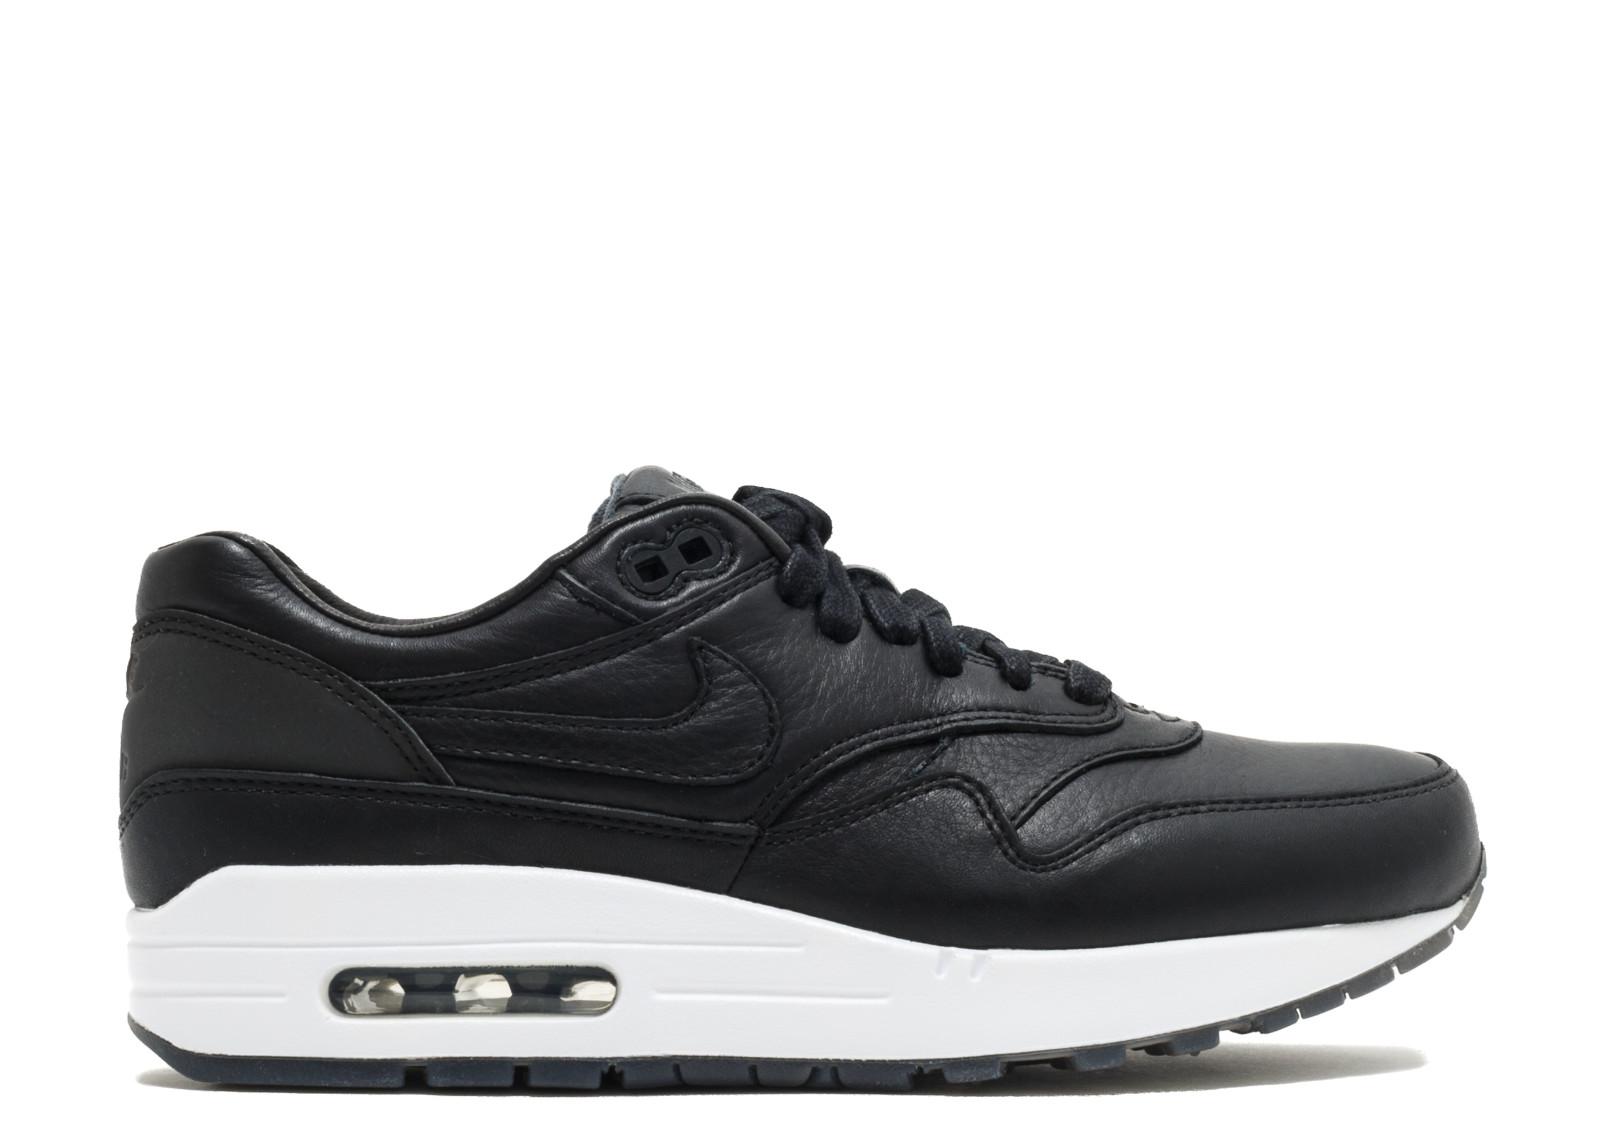 ナイキ エアー マックス メンズ 男性用 靴 スニーカー メンズ靴 【 NIKE AIR MAX 1 BLACK BLACKBLACKWHITE 】